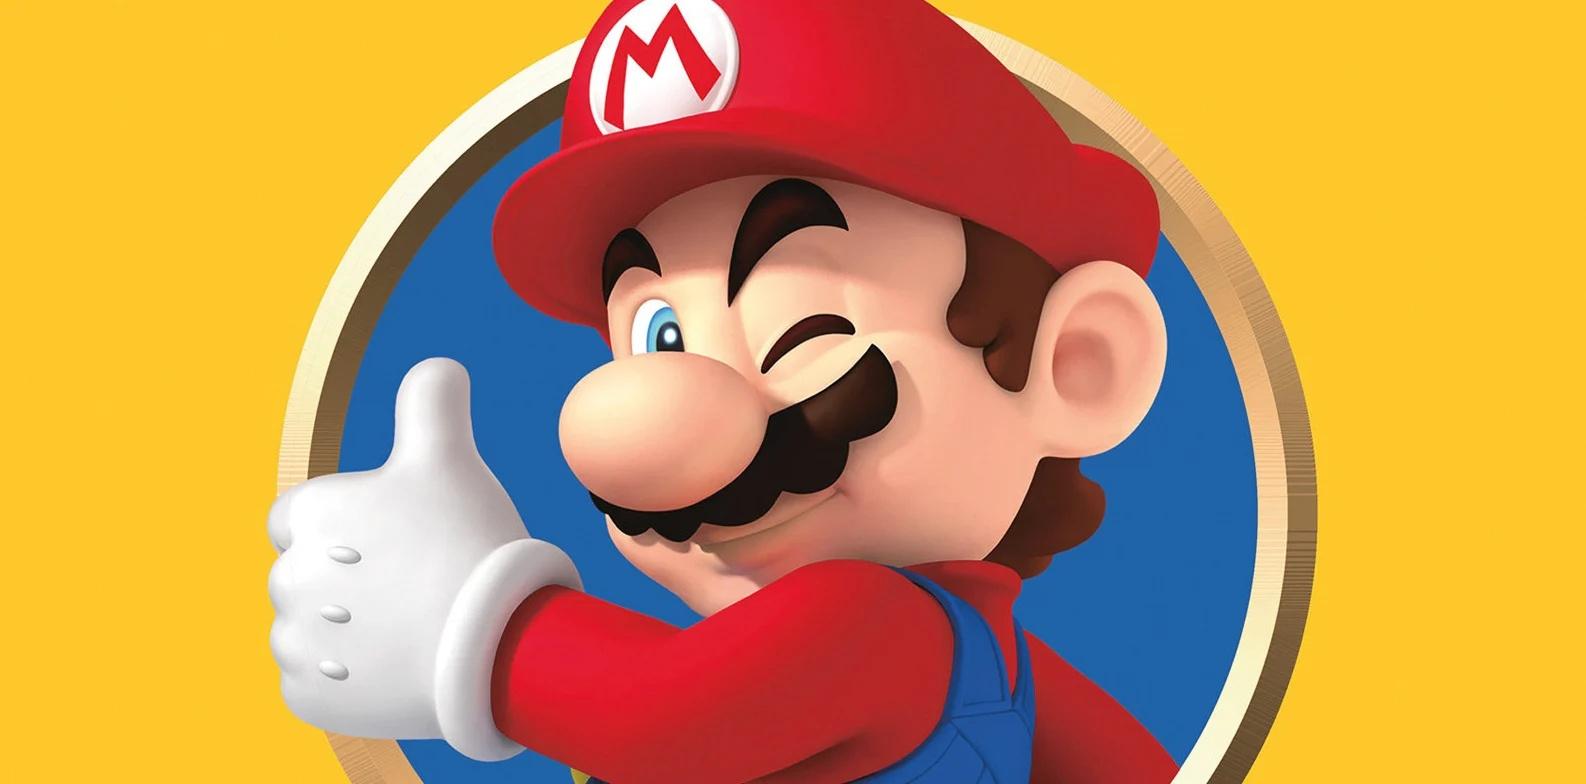 Полнометражная CG-экранизация Super Mario выйдет в 2022 году